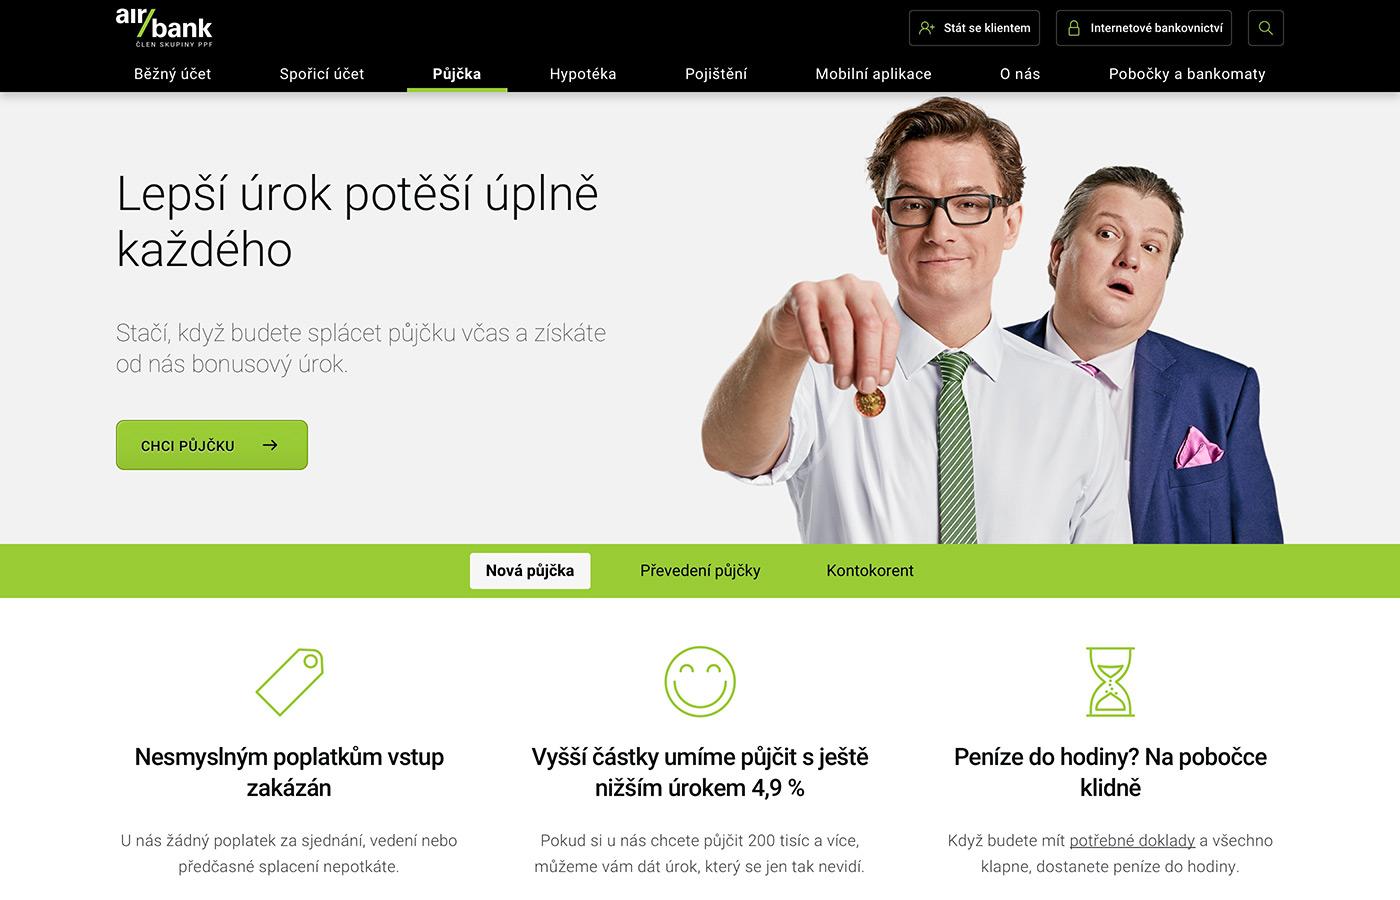 Náhled webových stránek www.airbank.cz/produkty/pujcka/